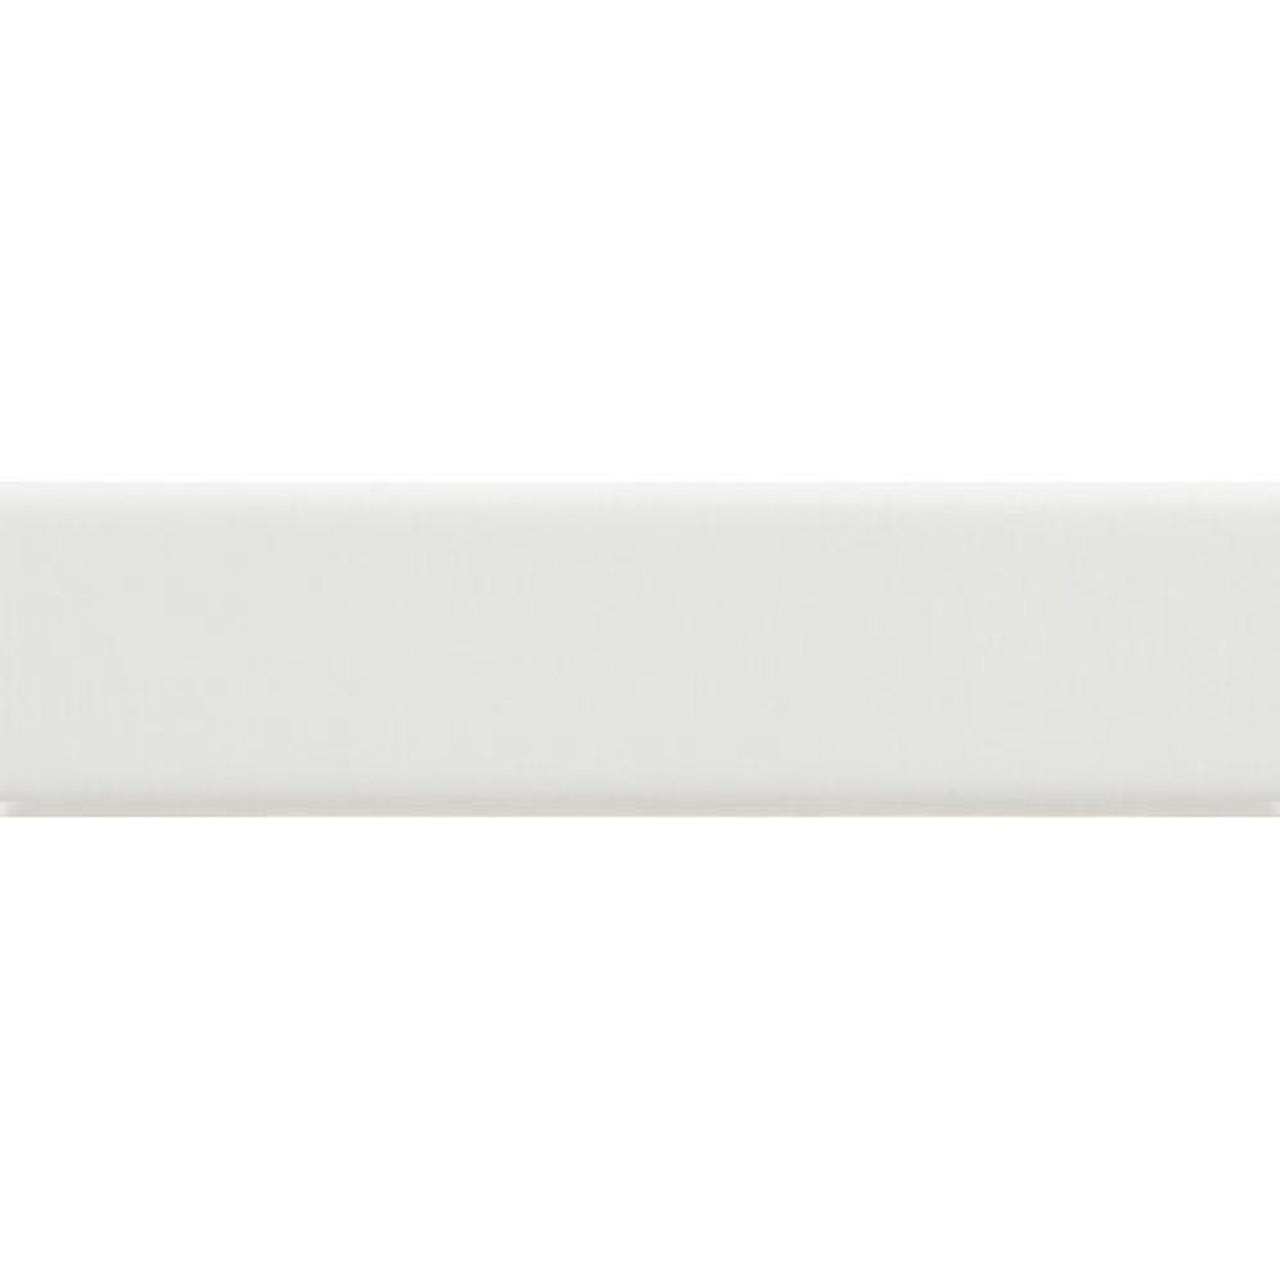 BELK Tile 3 x 12 Ceramic Tile Bianco